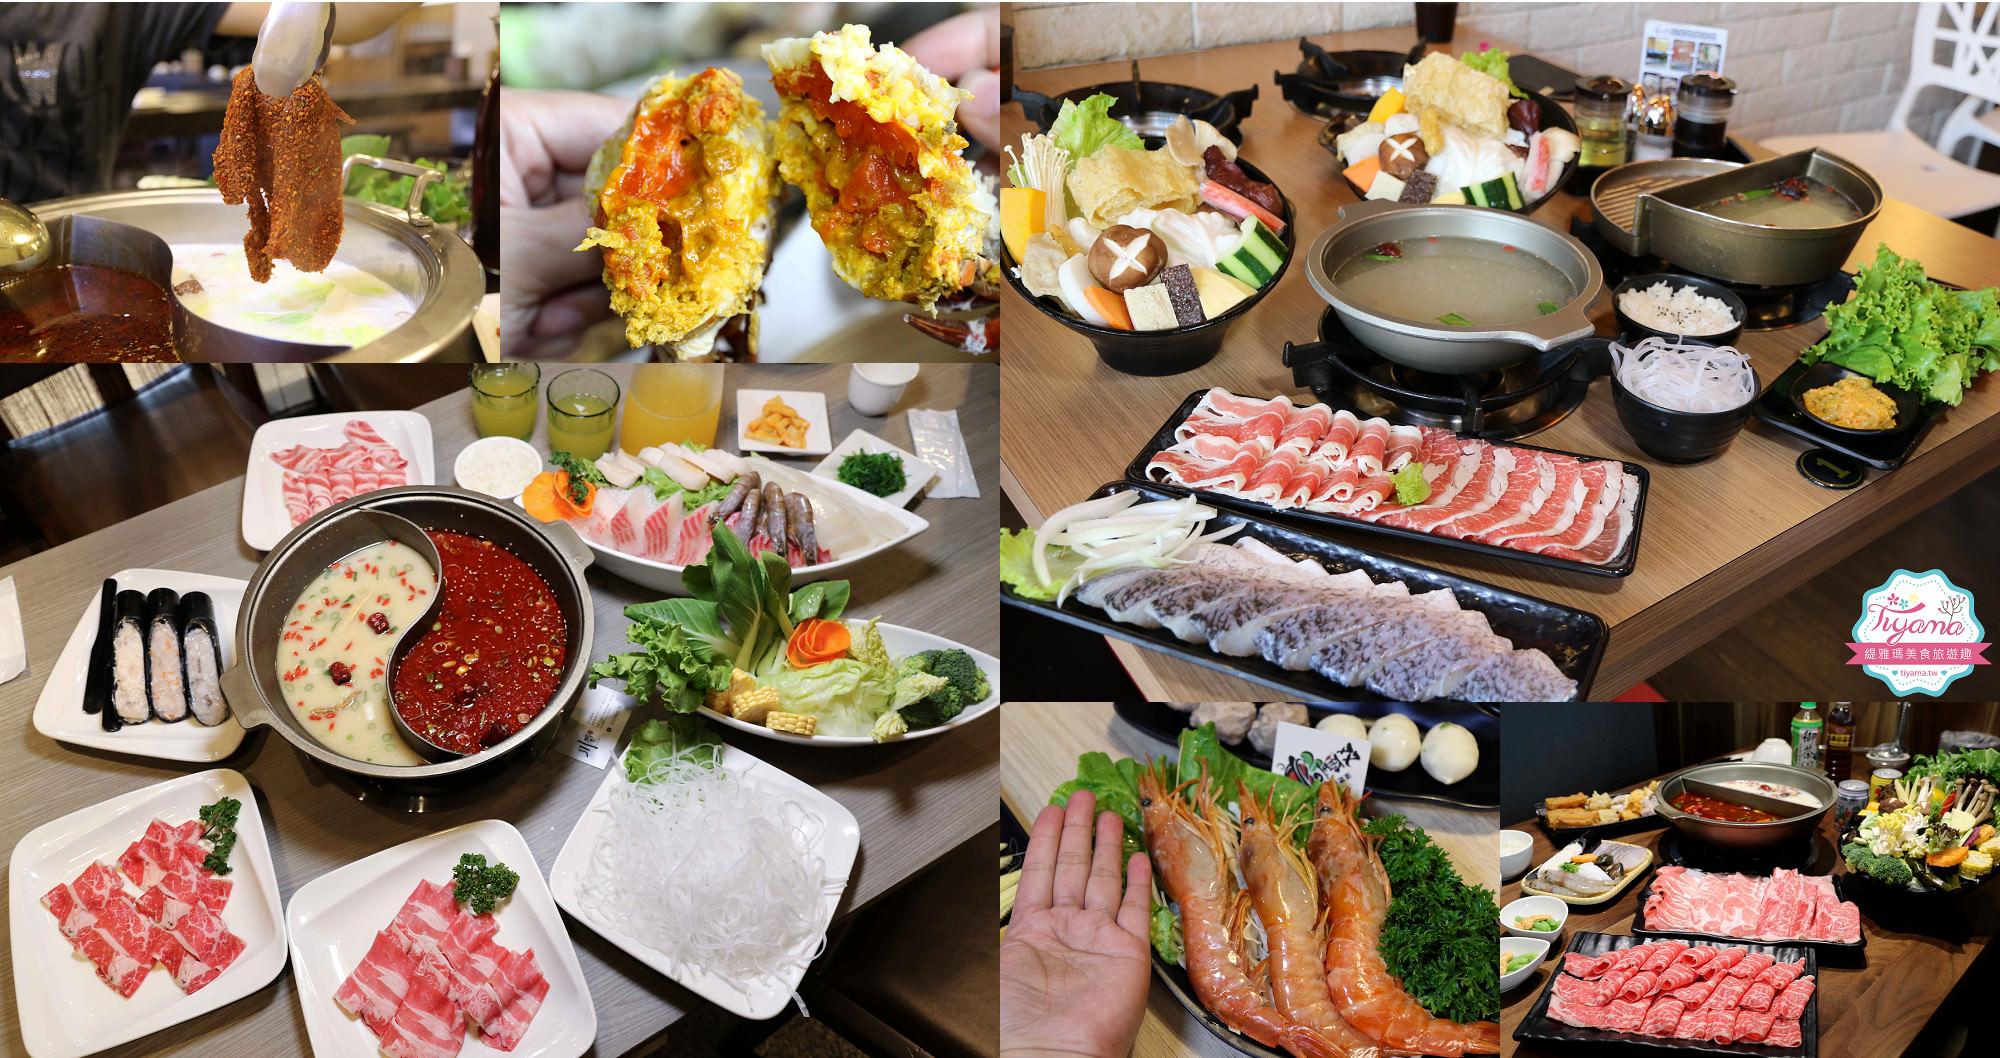 台南火鍋懶人包,更新至16間(2019.09更新) @緹雅瑪 美食旅遊趣